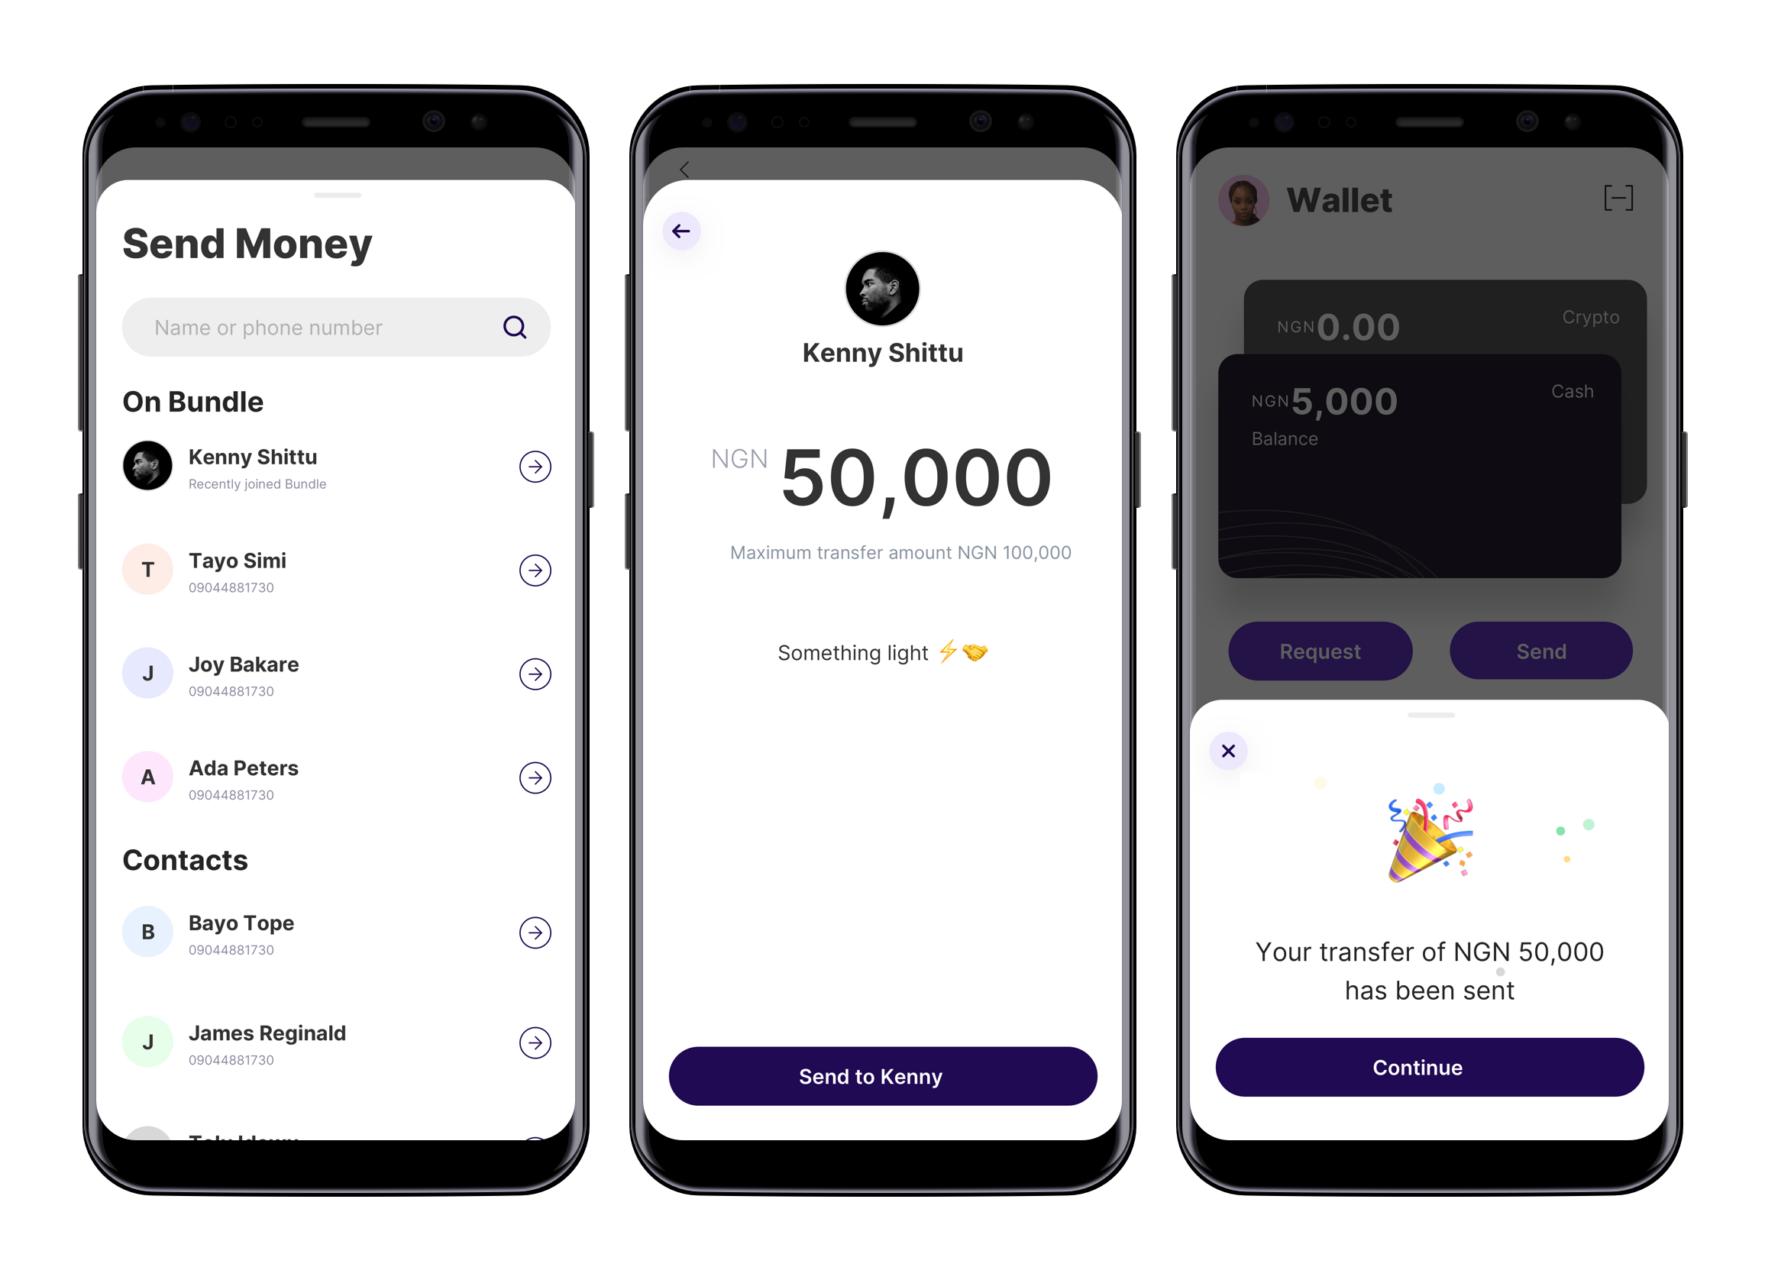 Send Money Screens